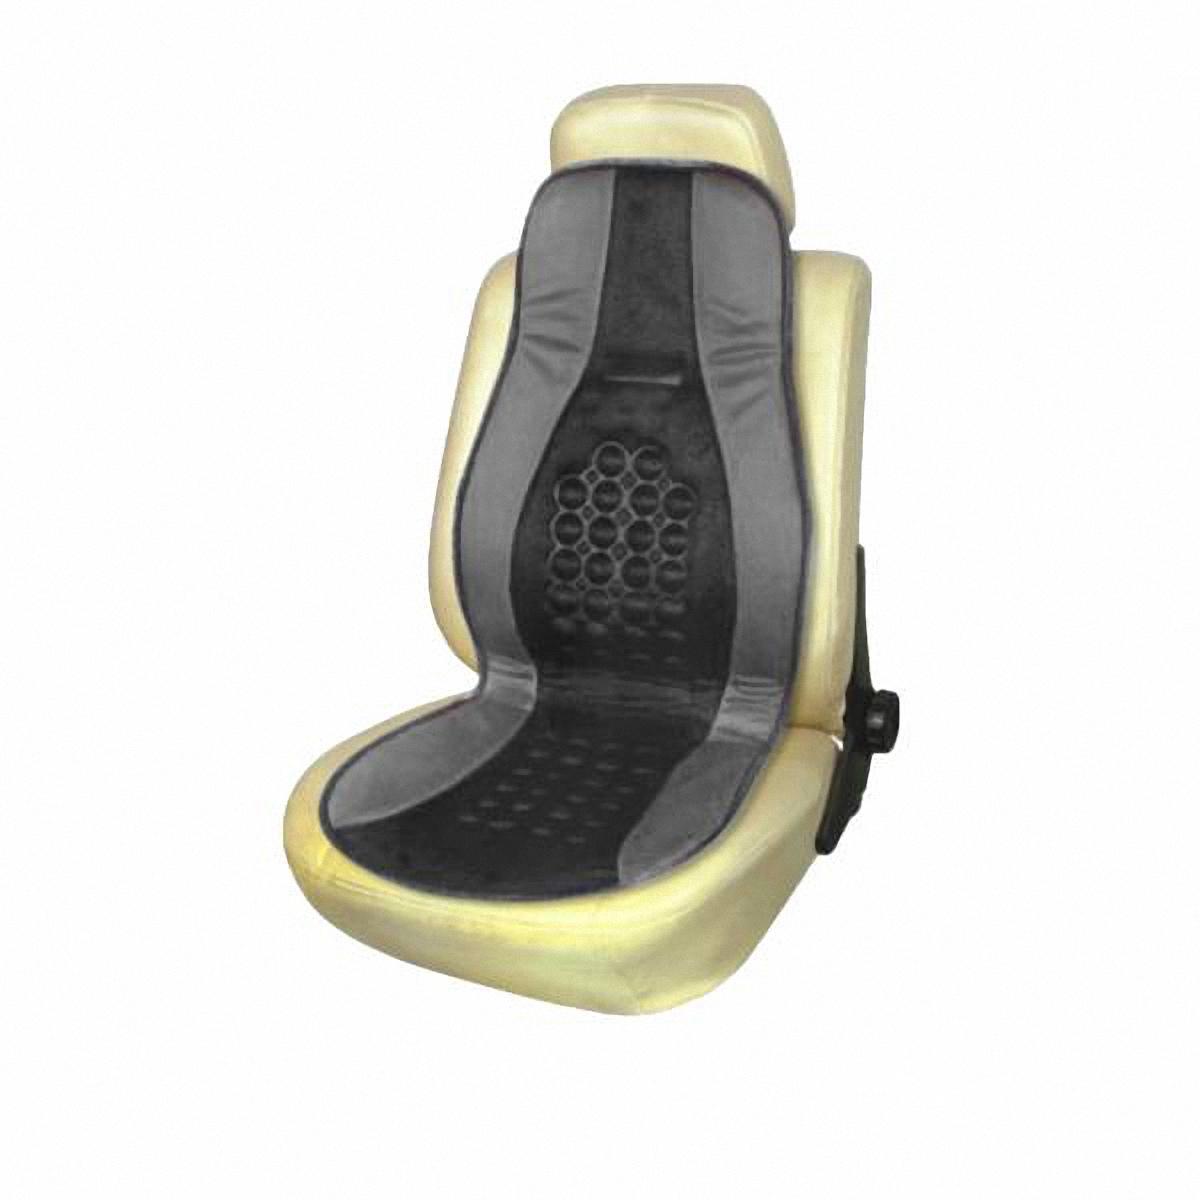 Накидка на сиденье Skyway, 20 шт. SW-102099 BK/GY /S01302003SW-102099 BK/GY /S01302003Накидки на сидения SKYWAY – это изящное сочетание стиля и качества. Выполненные из особого материала они расслабляют мышцы спины при поездке, благотворно влияя на позвоночник. Так просто получить ощущение легкого массажа. С ними салон становится уютнее, а сами сидения – удобнее.